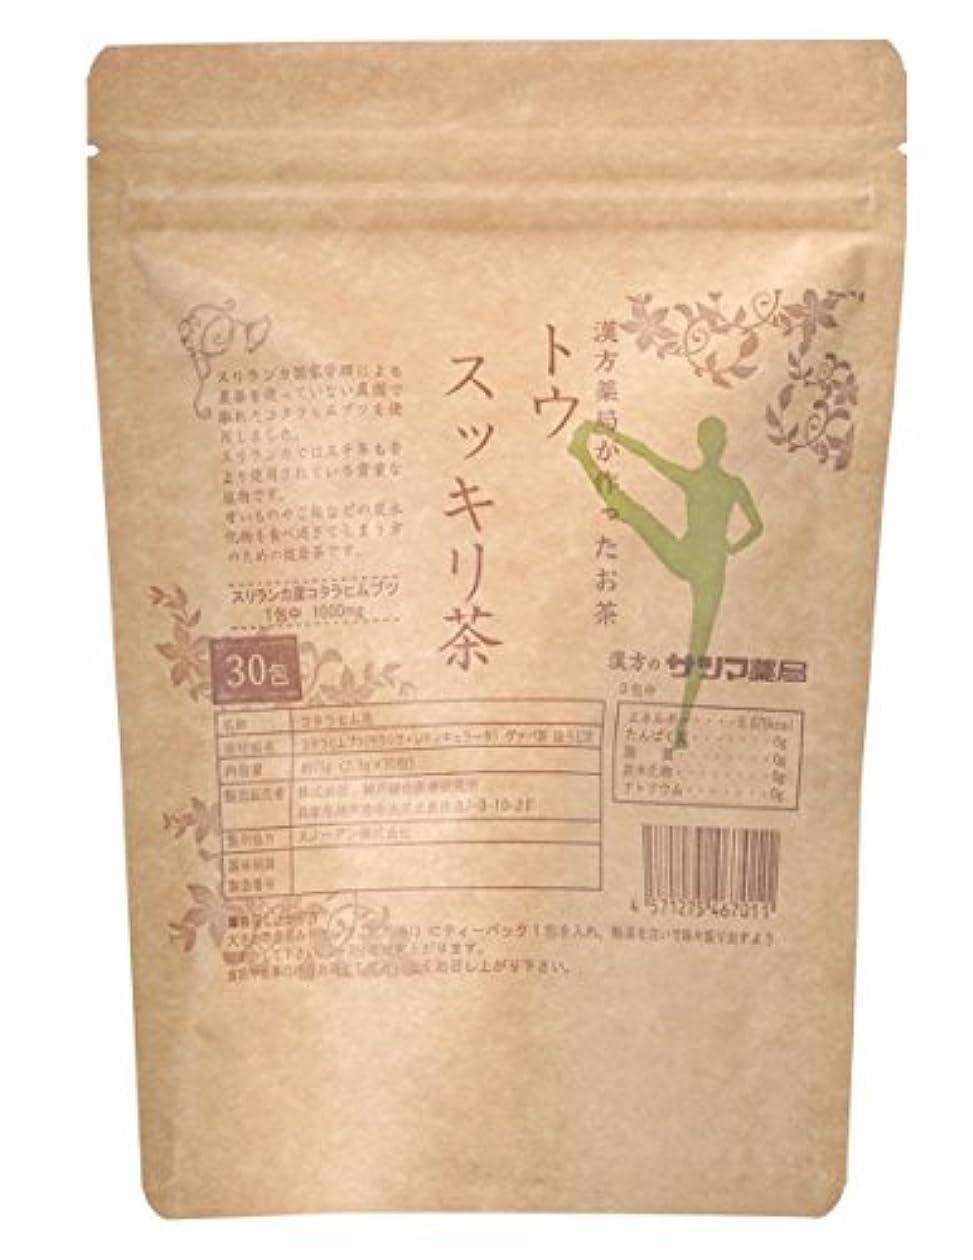 レキシコンレンド歯痛サツマ薬局 ダイエットティー トウスッキリ茶 30包 ティーパック 高濃度コタラヒム茶 ほうじ茶